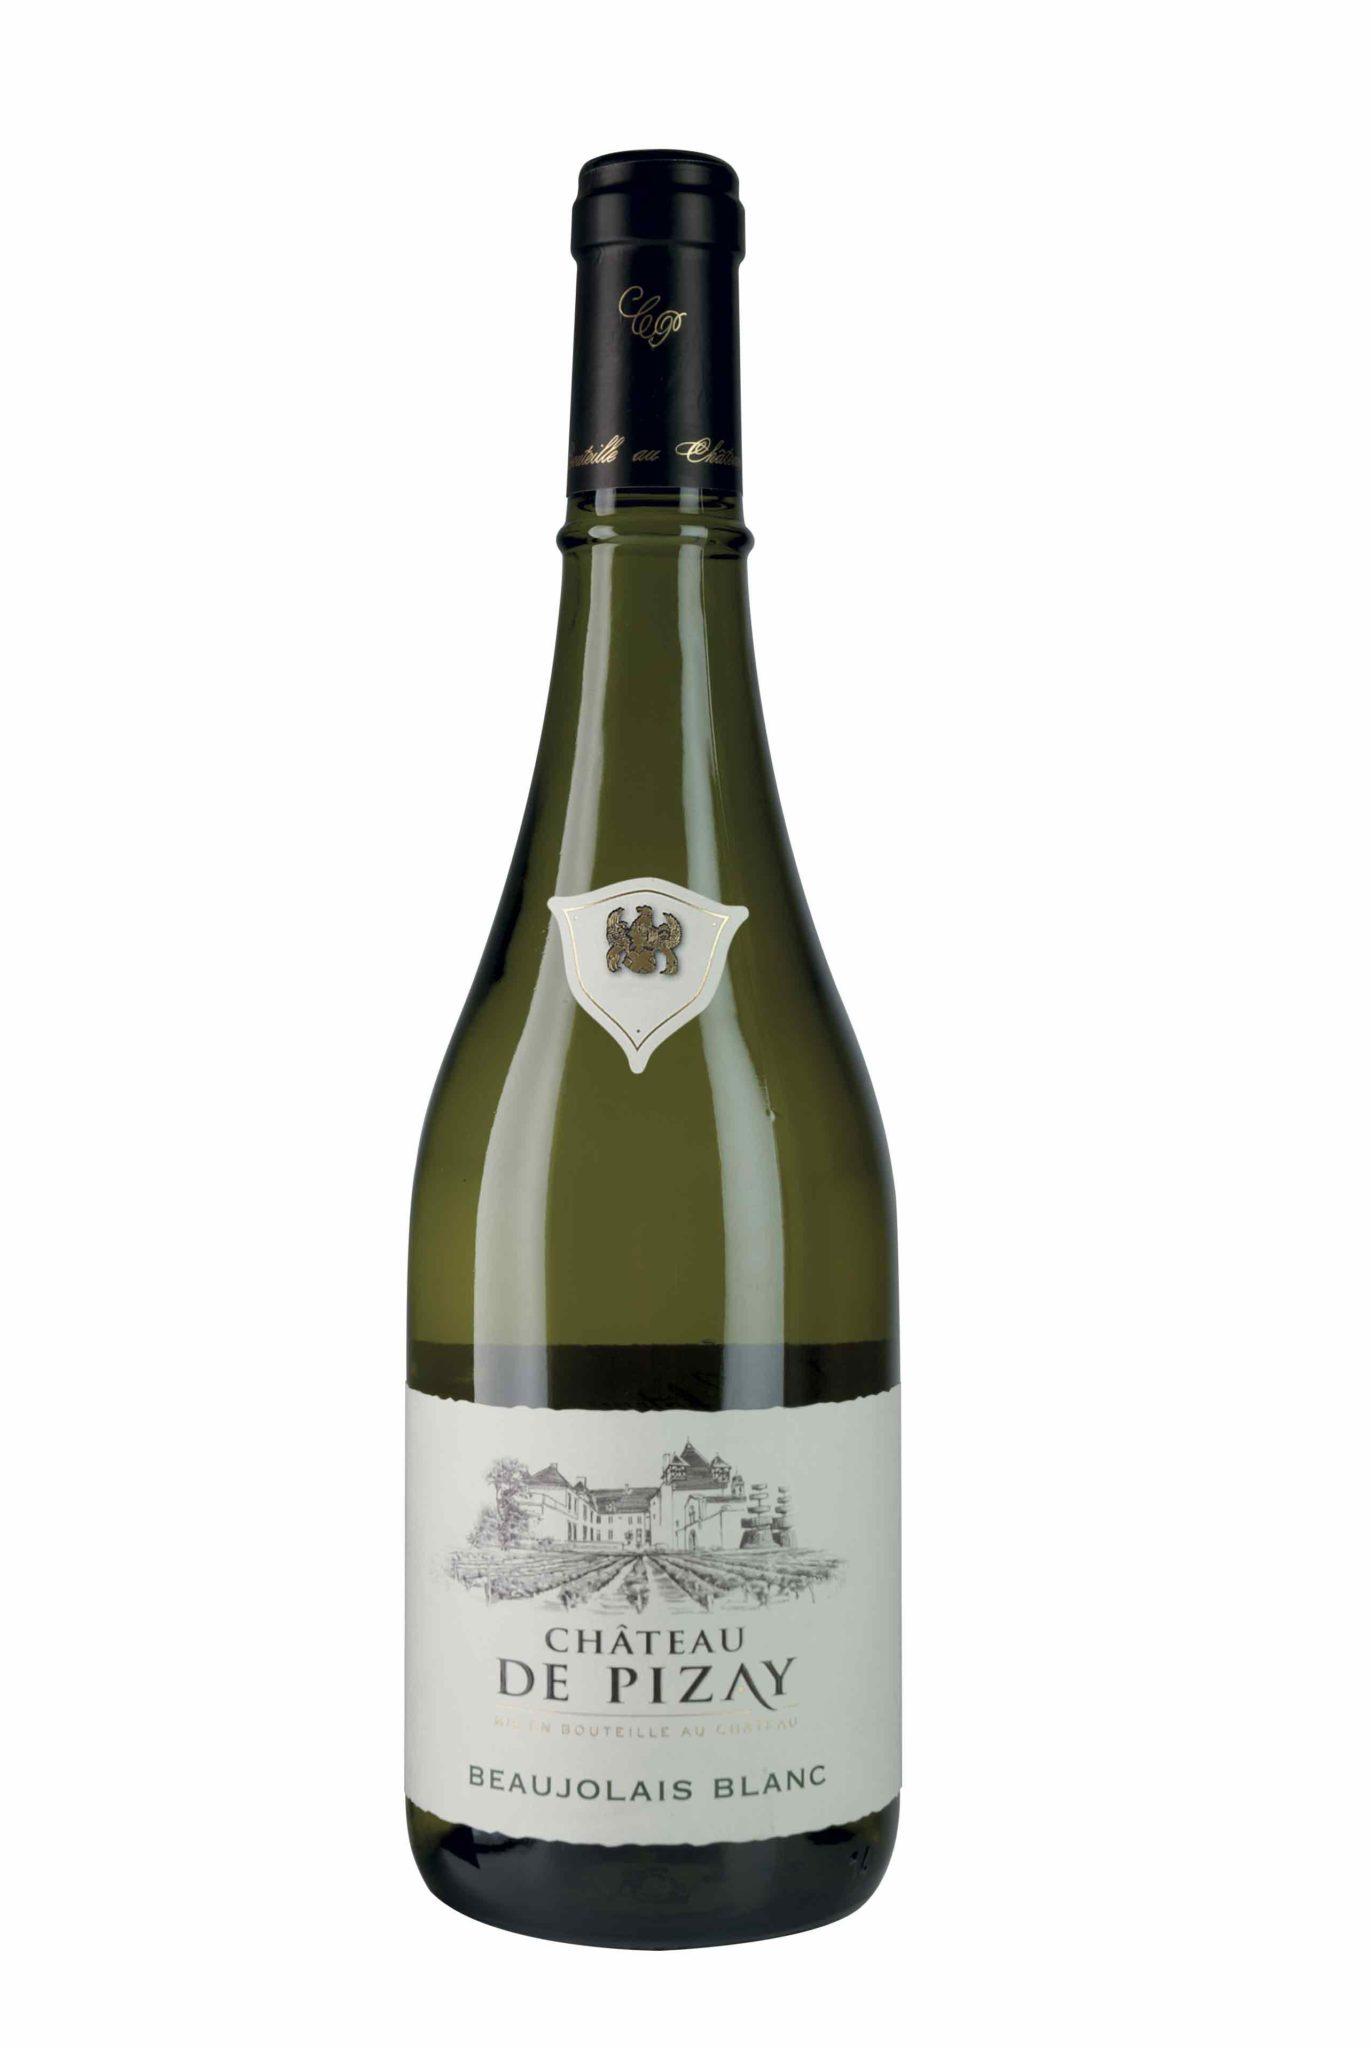 Beaujolais Blanc 2018